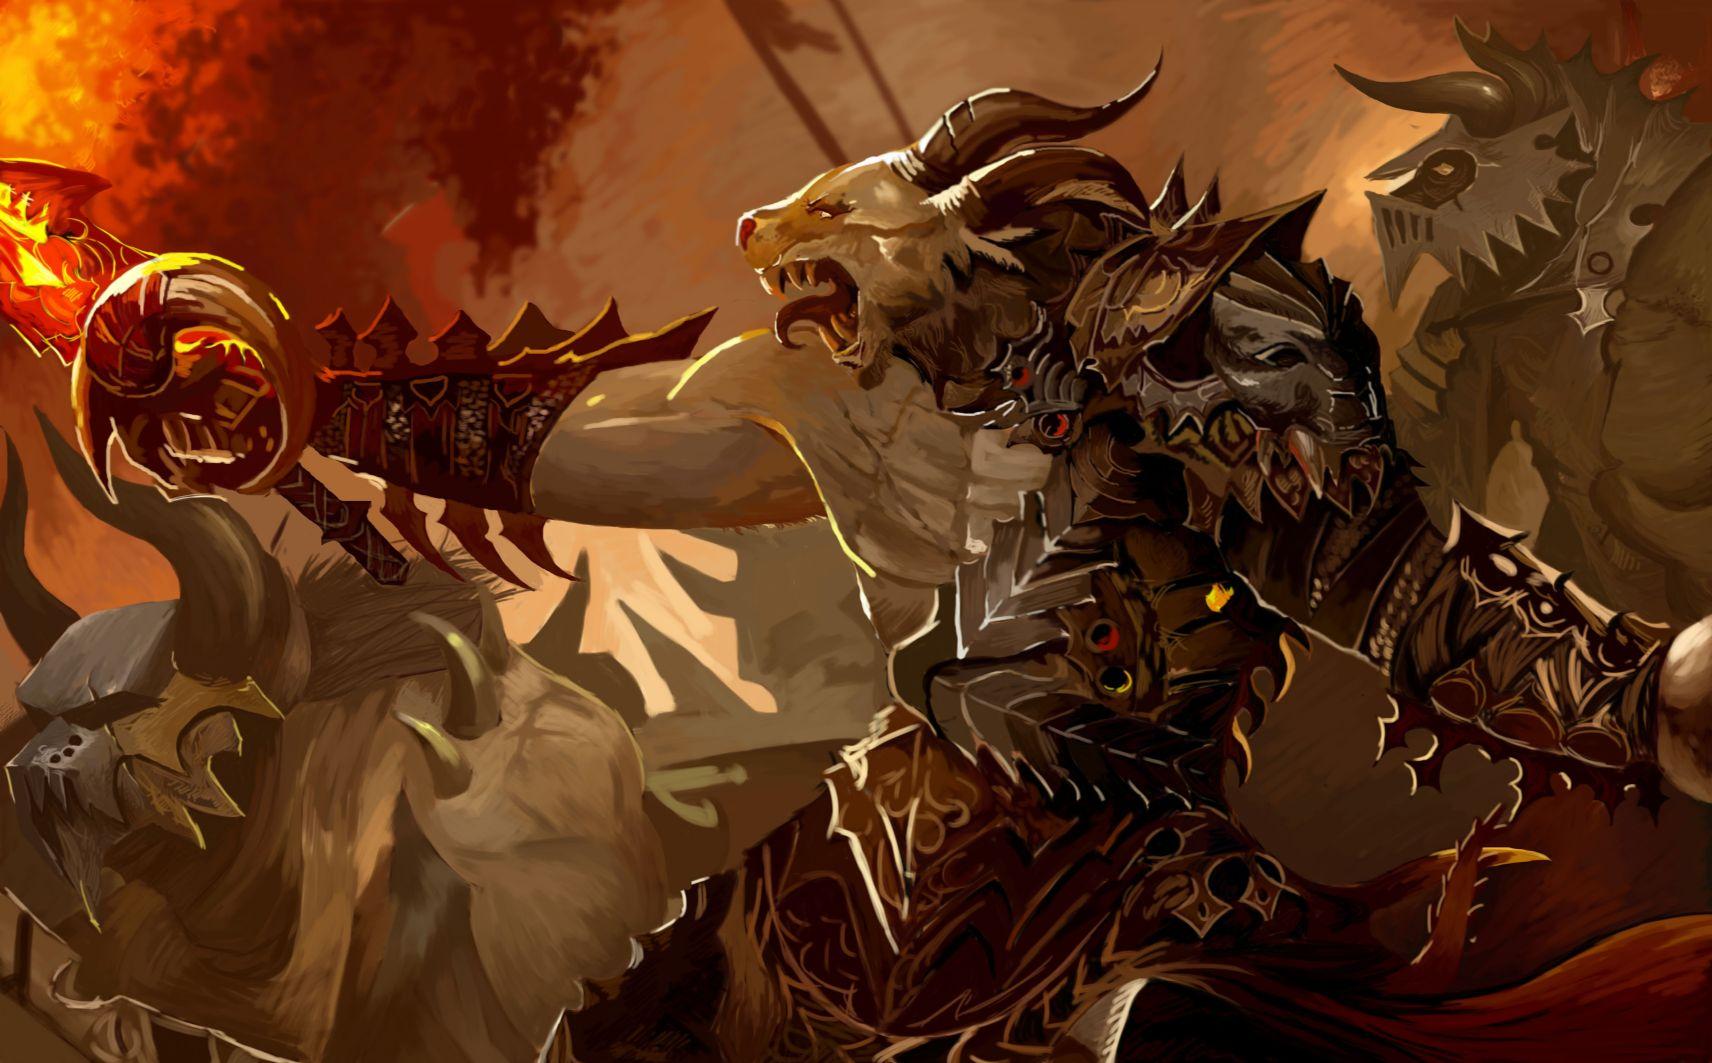 《重生之最强剑神》《全能游戏设计师》9.9分游戏神作